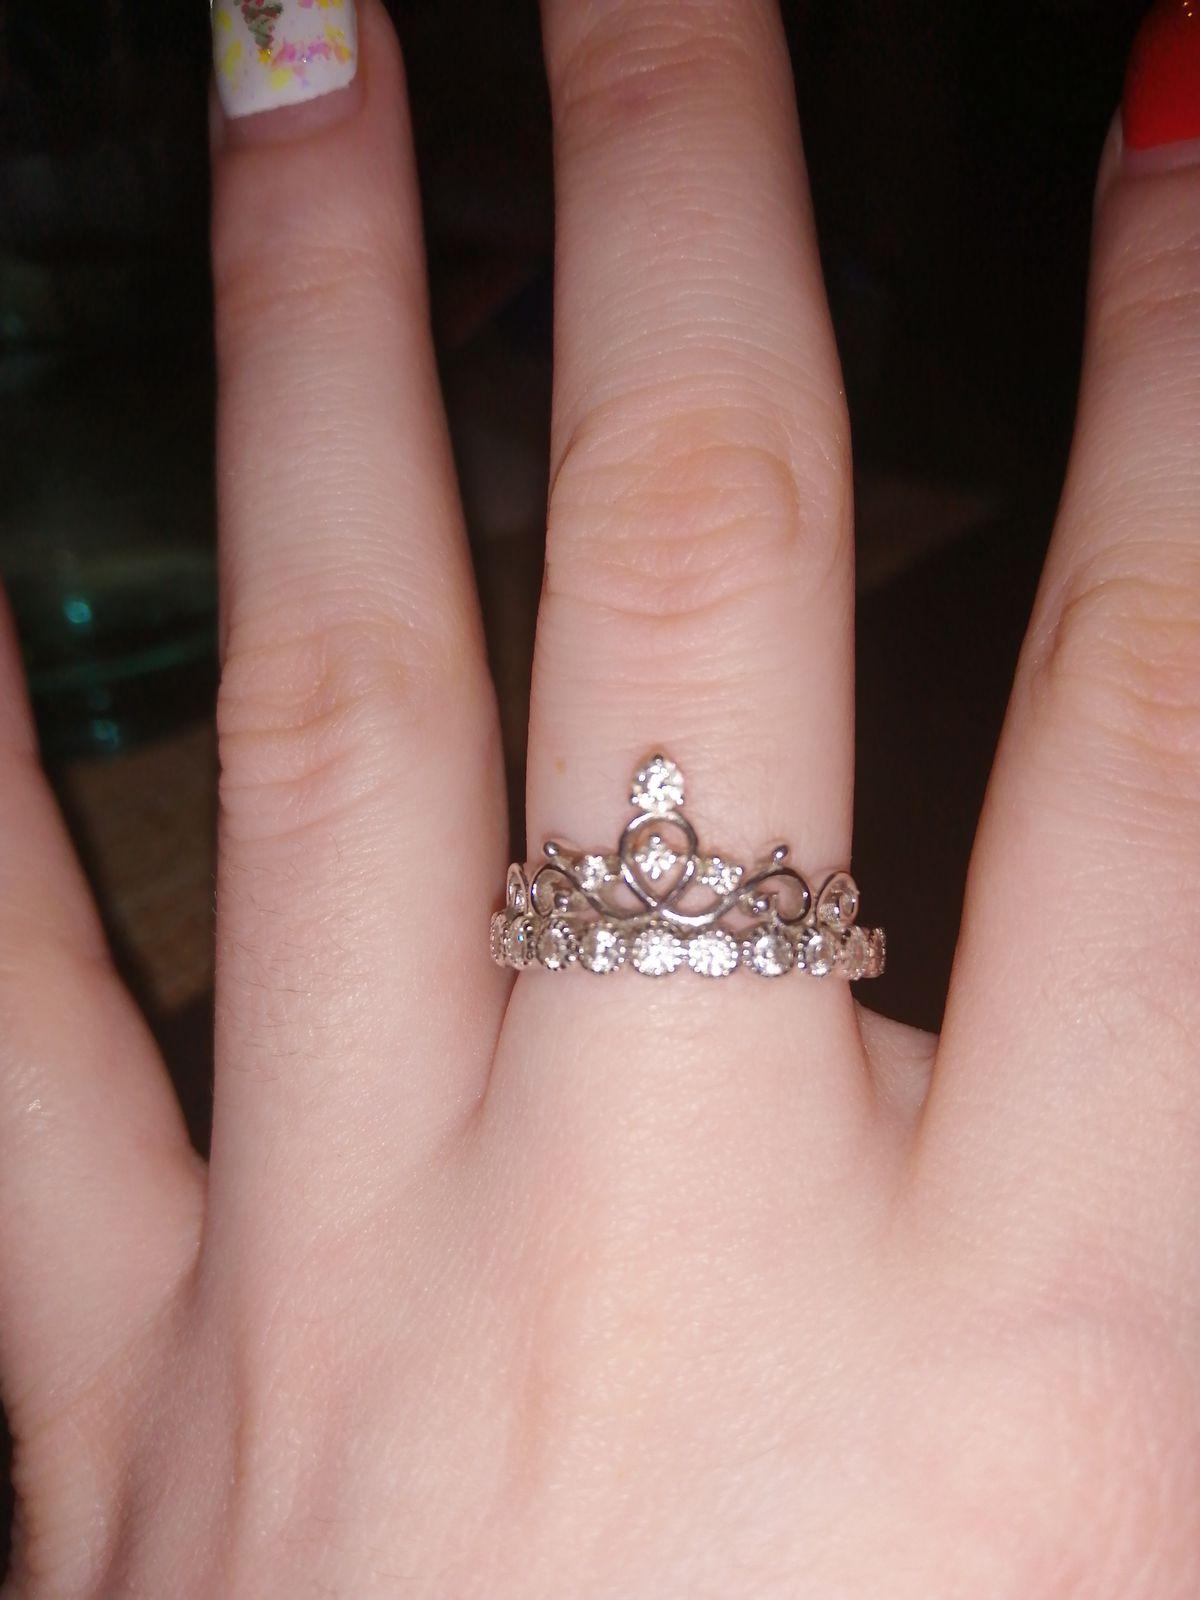 Хорошее и удобное кольцо)